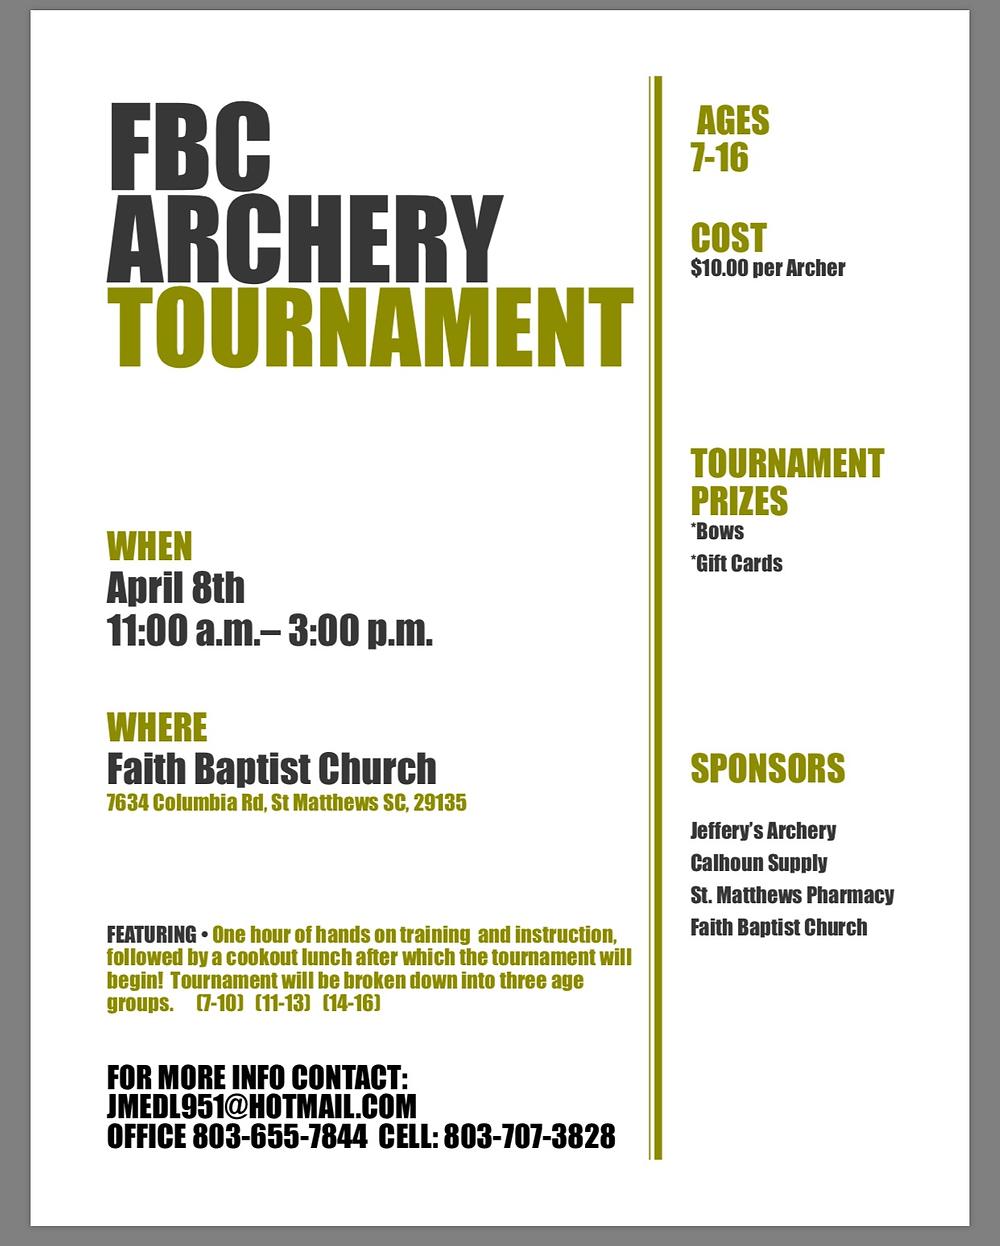 FBC Archery Tournament, Faith Baptist Church